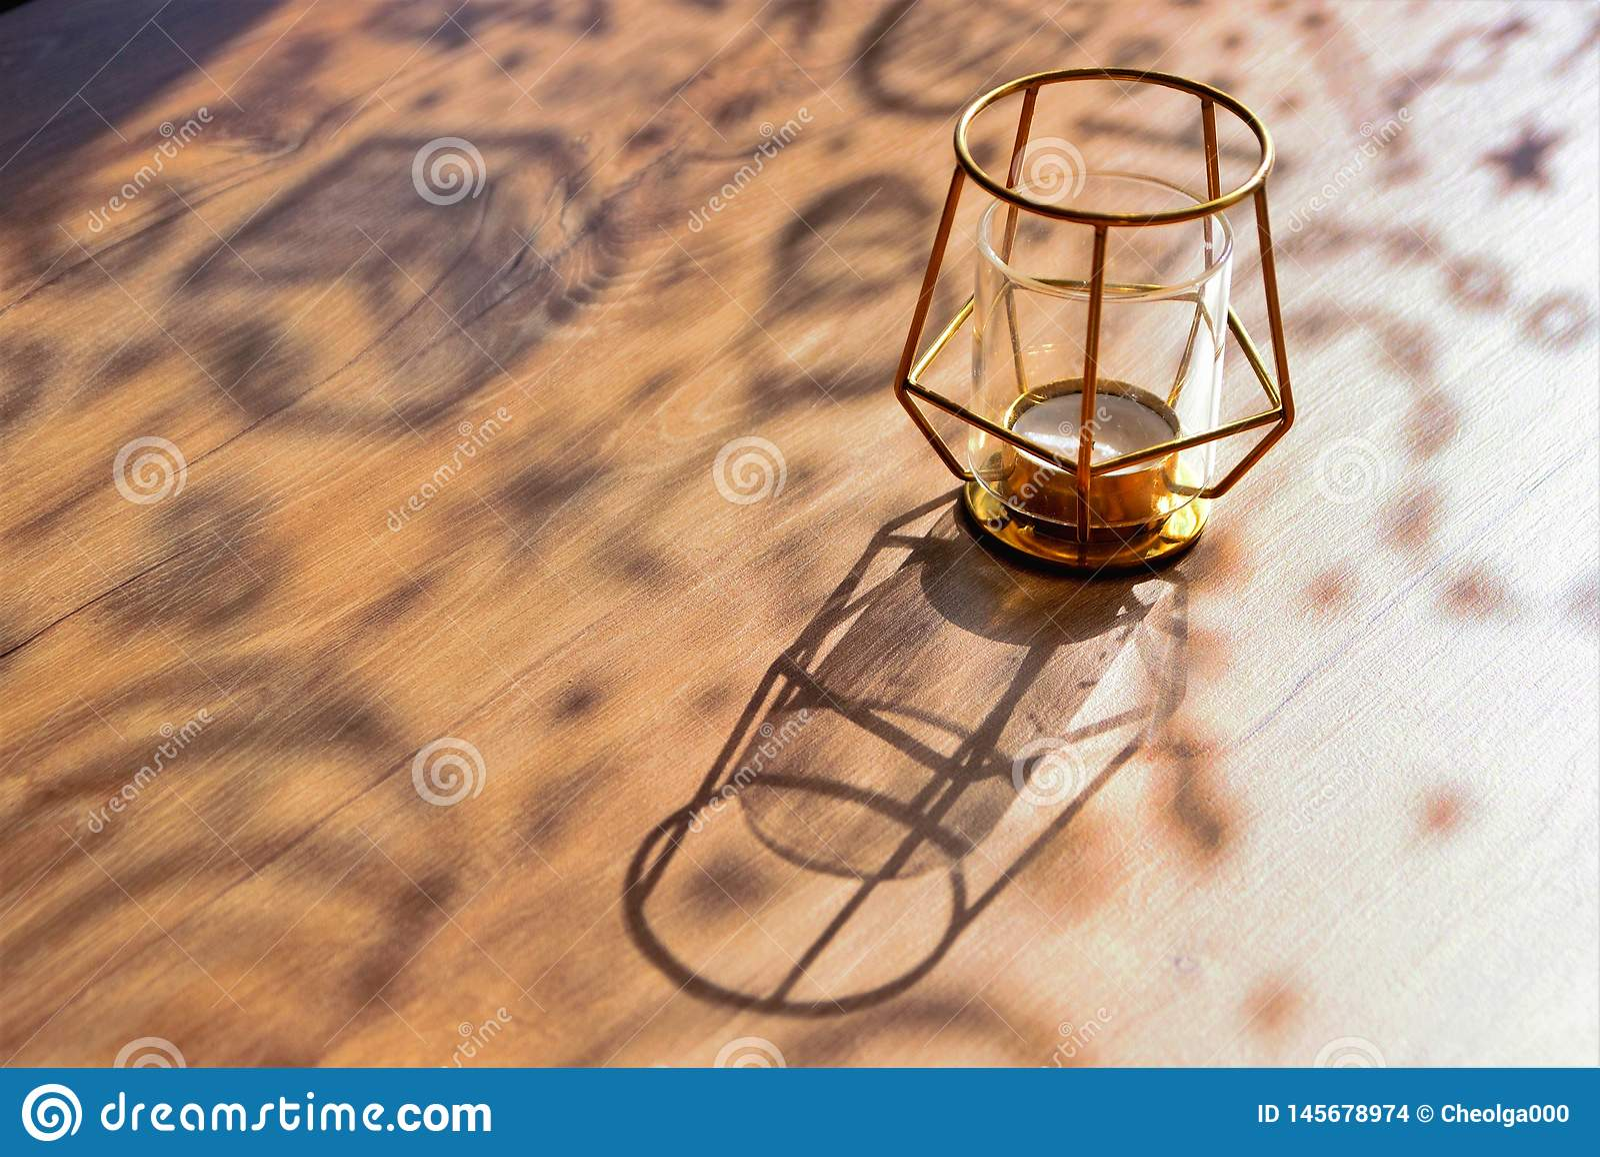 Gelockte Schatten auf einem Holztisch an einem sonnigen Tag, Designerkerzenständer, Nahaufnahme, selektiver Fokus, Kopienraum